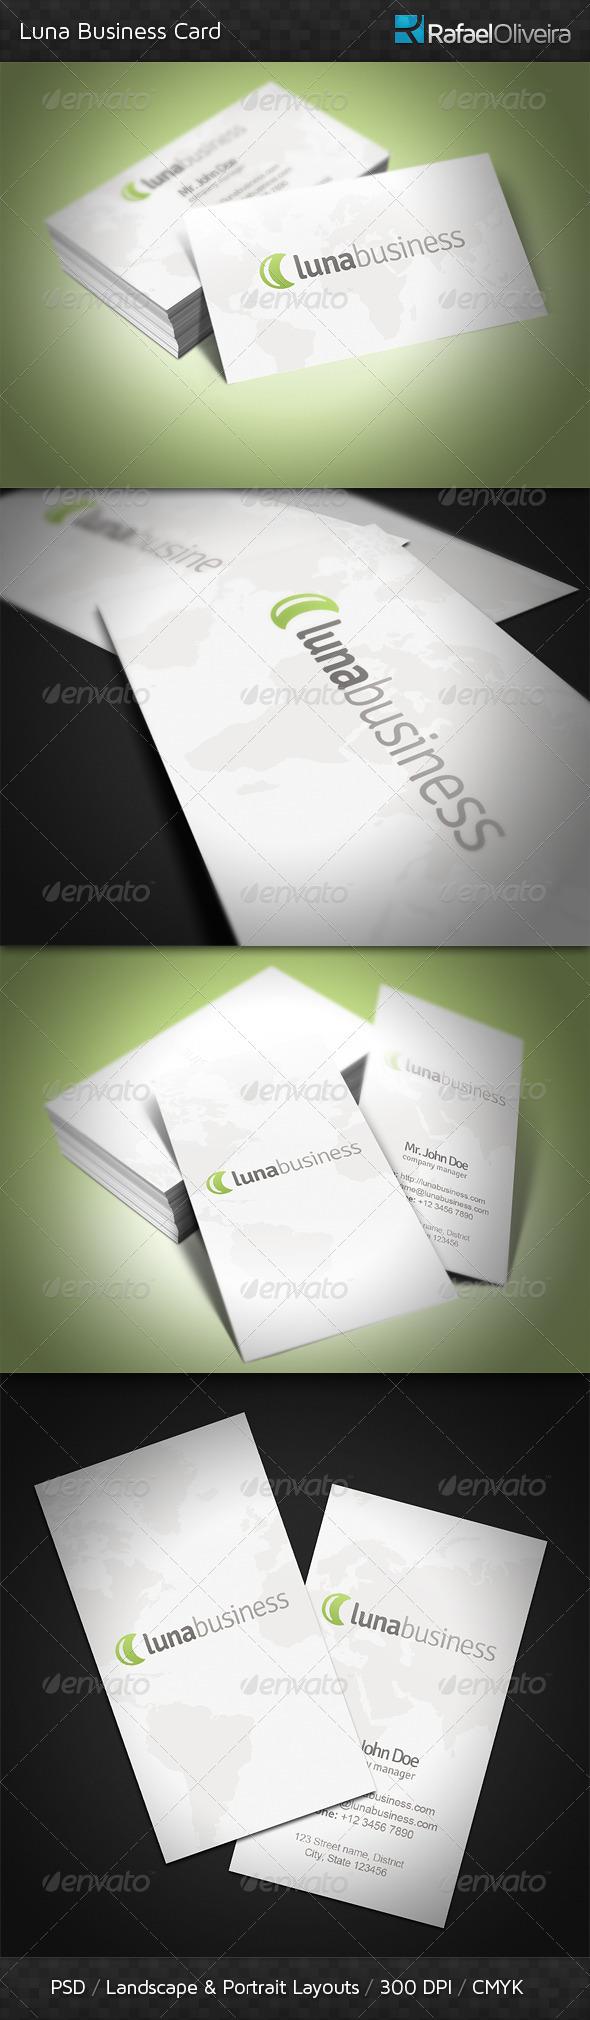 Luna Business Card - Corporate Business Cards